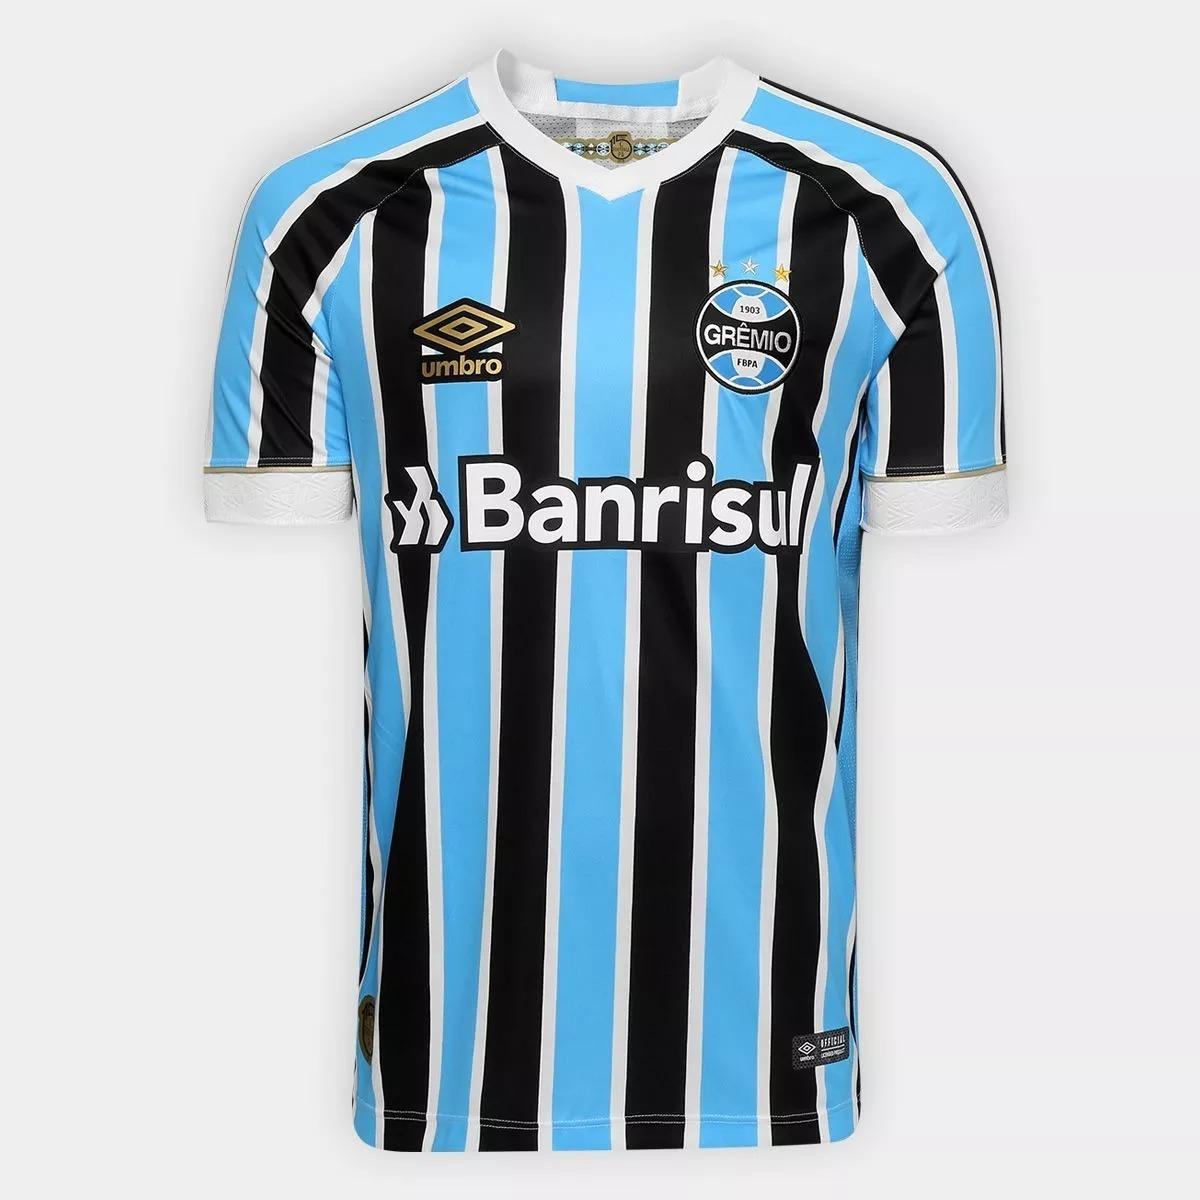 Nova Camisa Camiseta Blusa Grêmio Tricolor I Uniforme Oferta - R ... 2728167b4d1e3